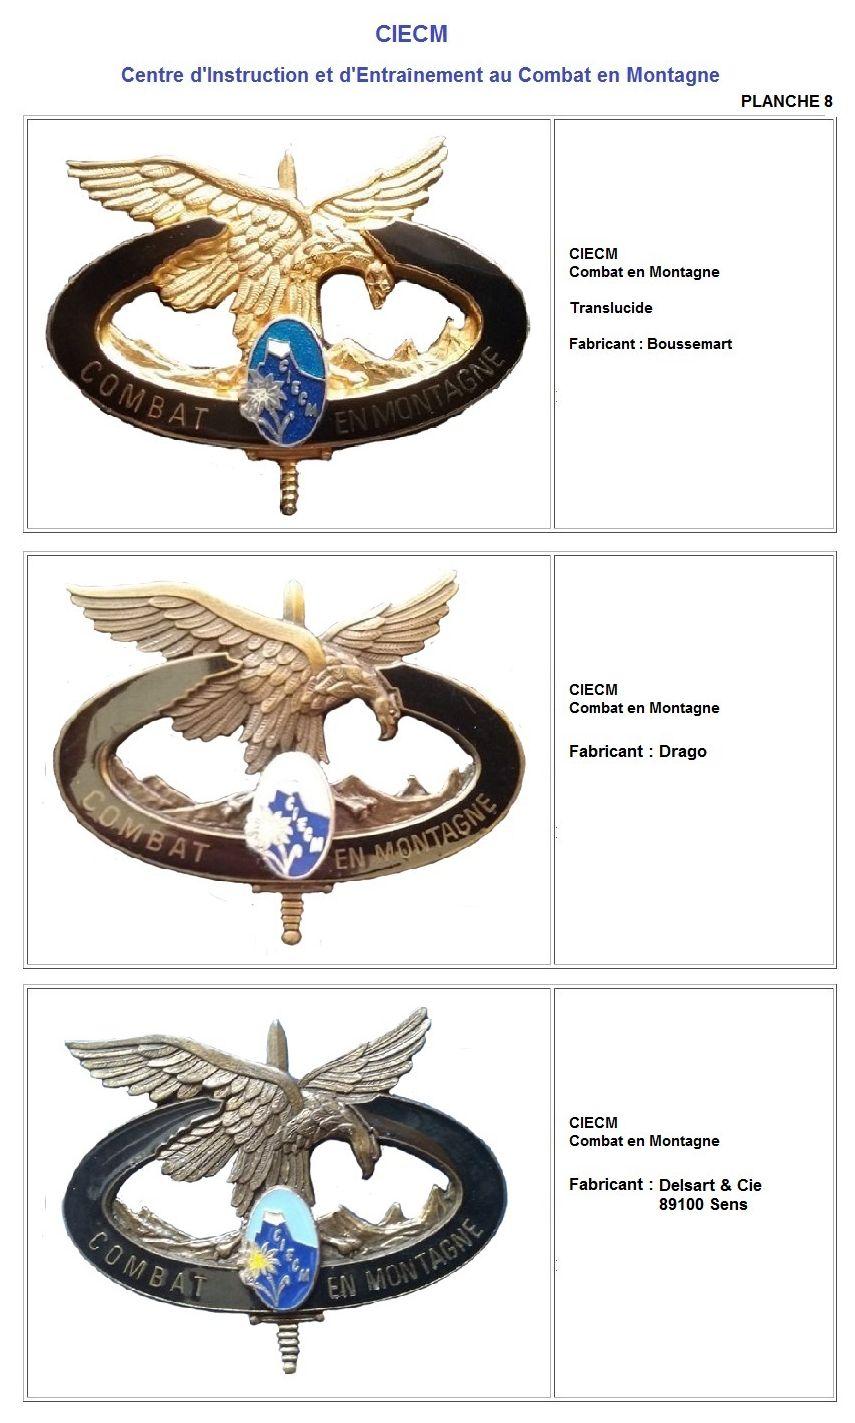 Les insignes de bataillons- Mise à jour... - Page 2 24e_pl18